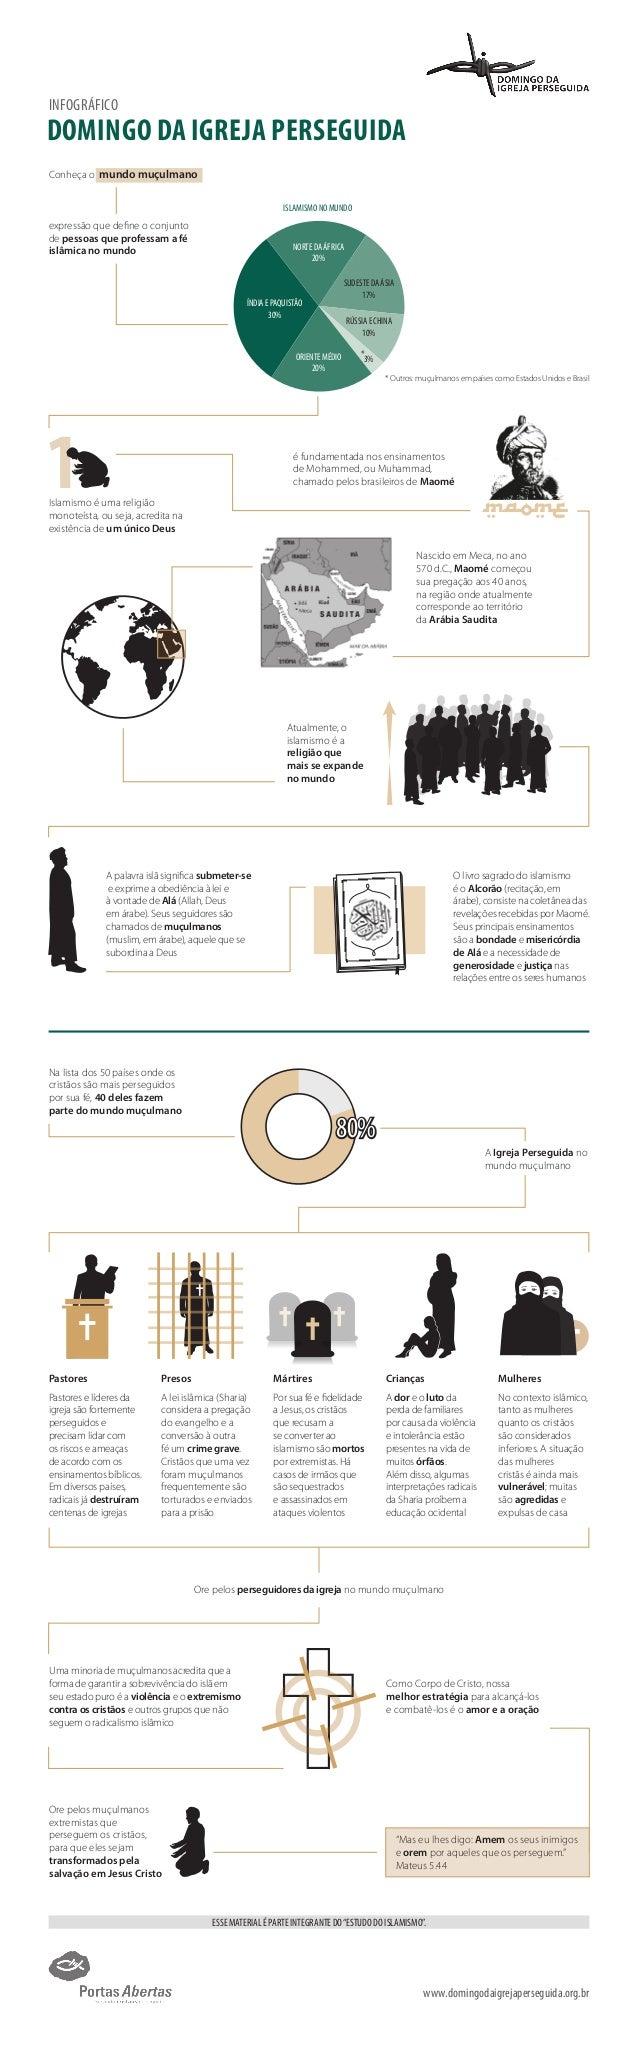 www.domingodaigrejaperseguida.org.br INFOGRÁFICO DOMINGO DA IGREJA PERSEGUIDA 1 Conheça o mundo muçulmano expressão que de...